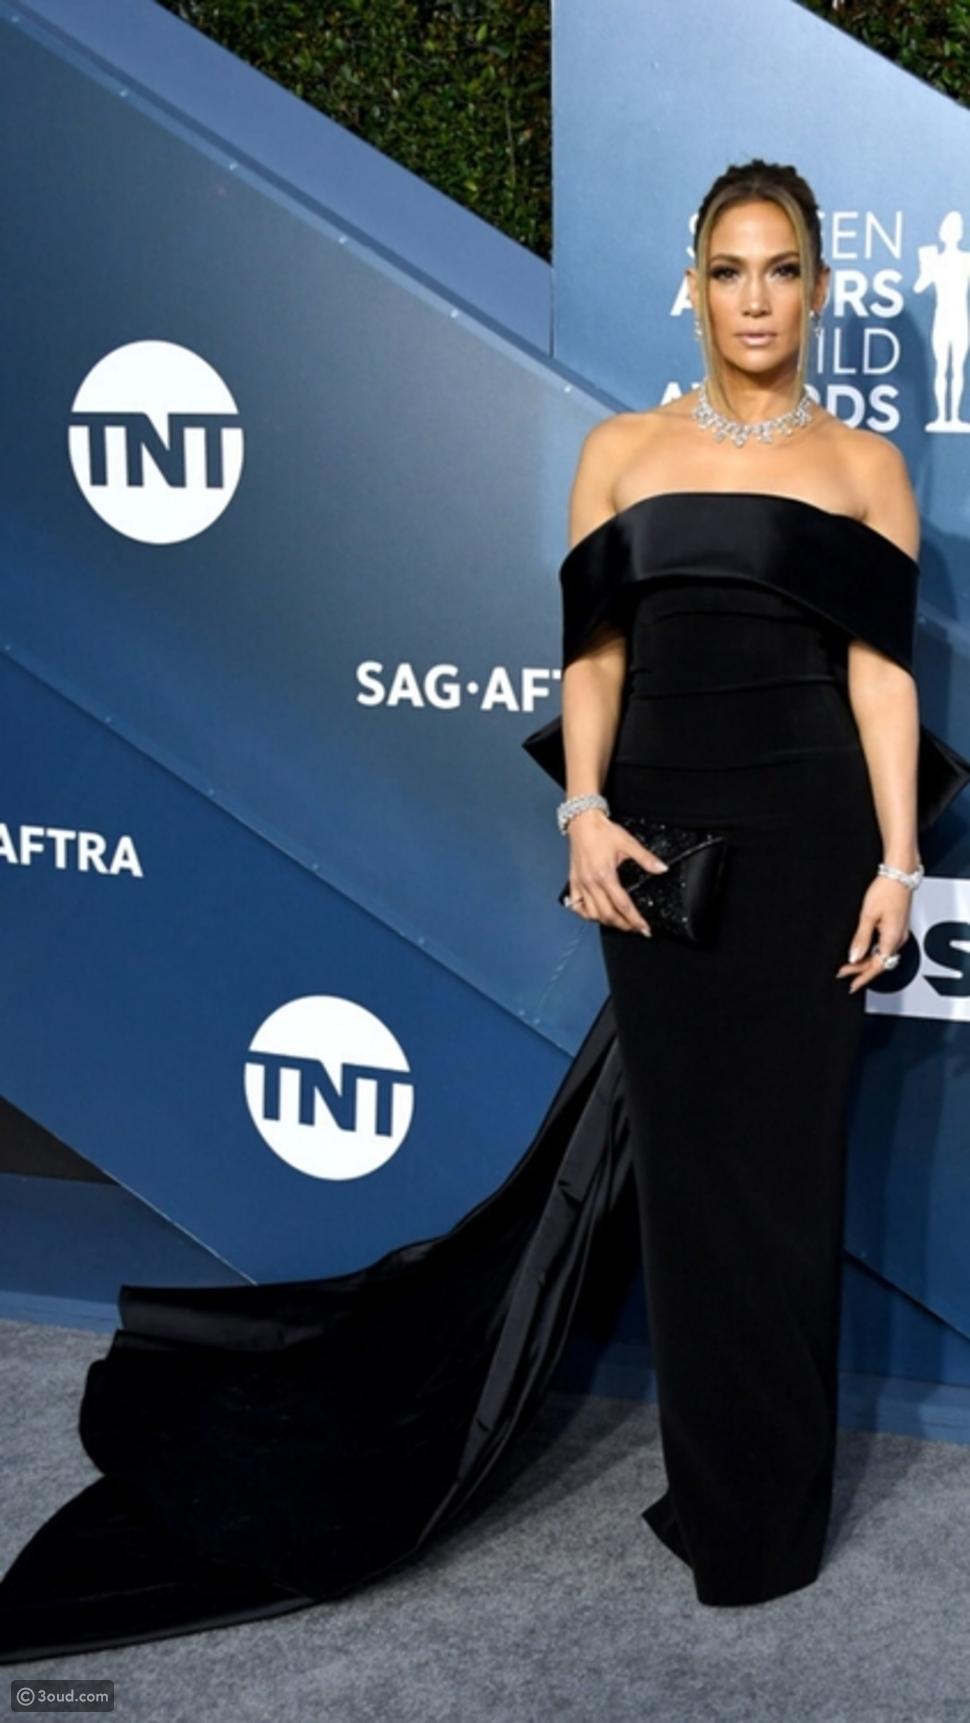 مصممان أزياء عرب في أزياء الفنانات في SAG Awards